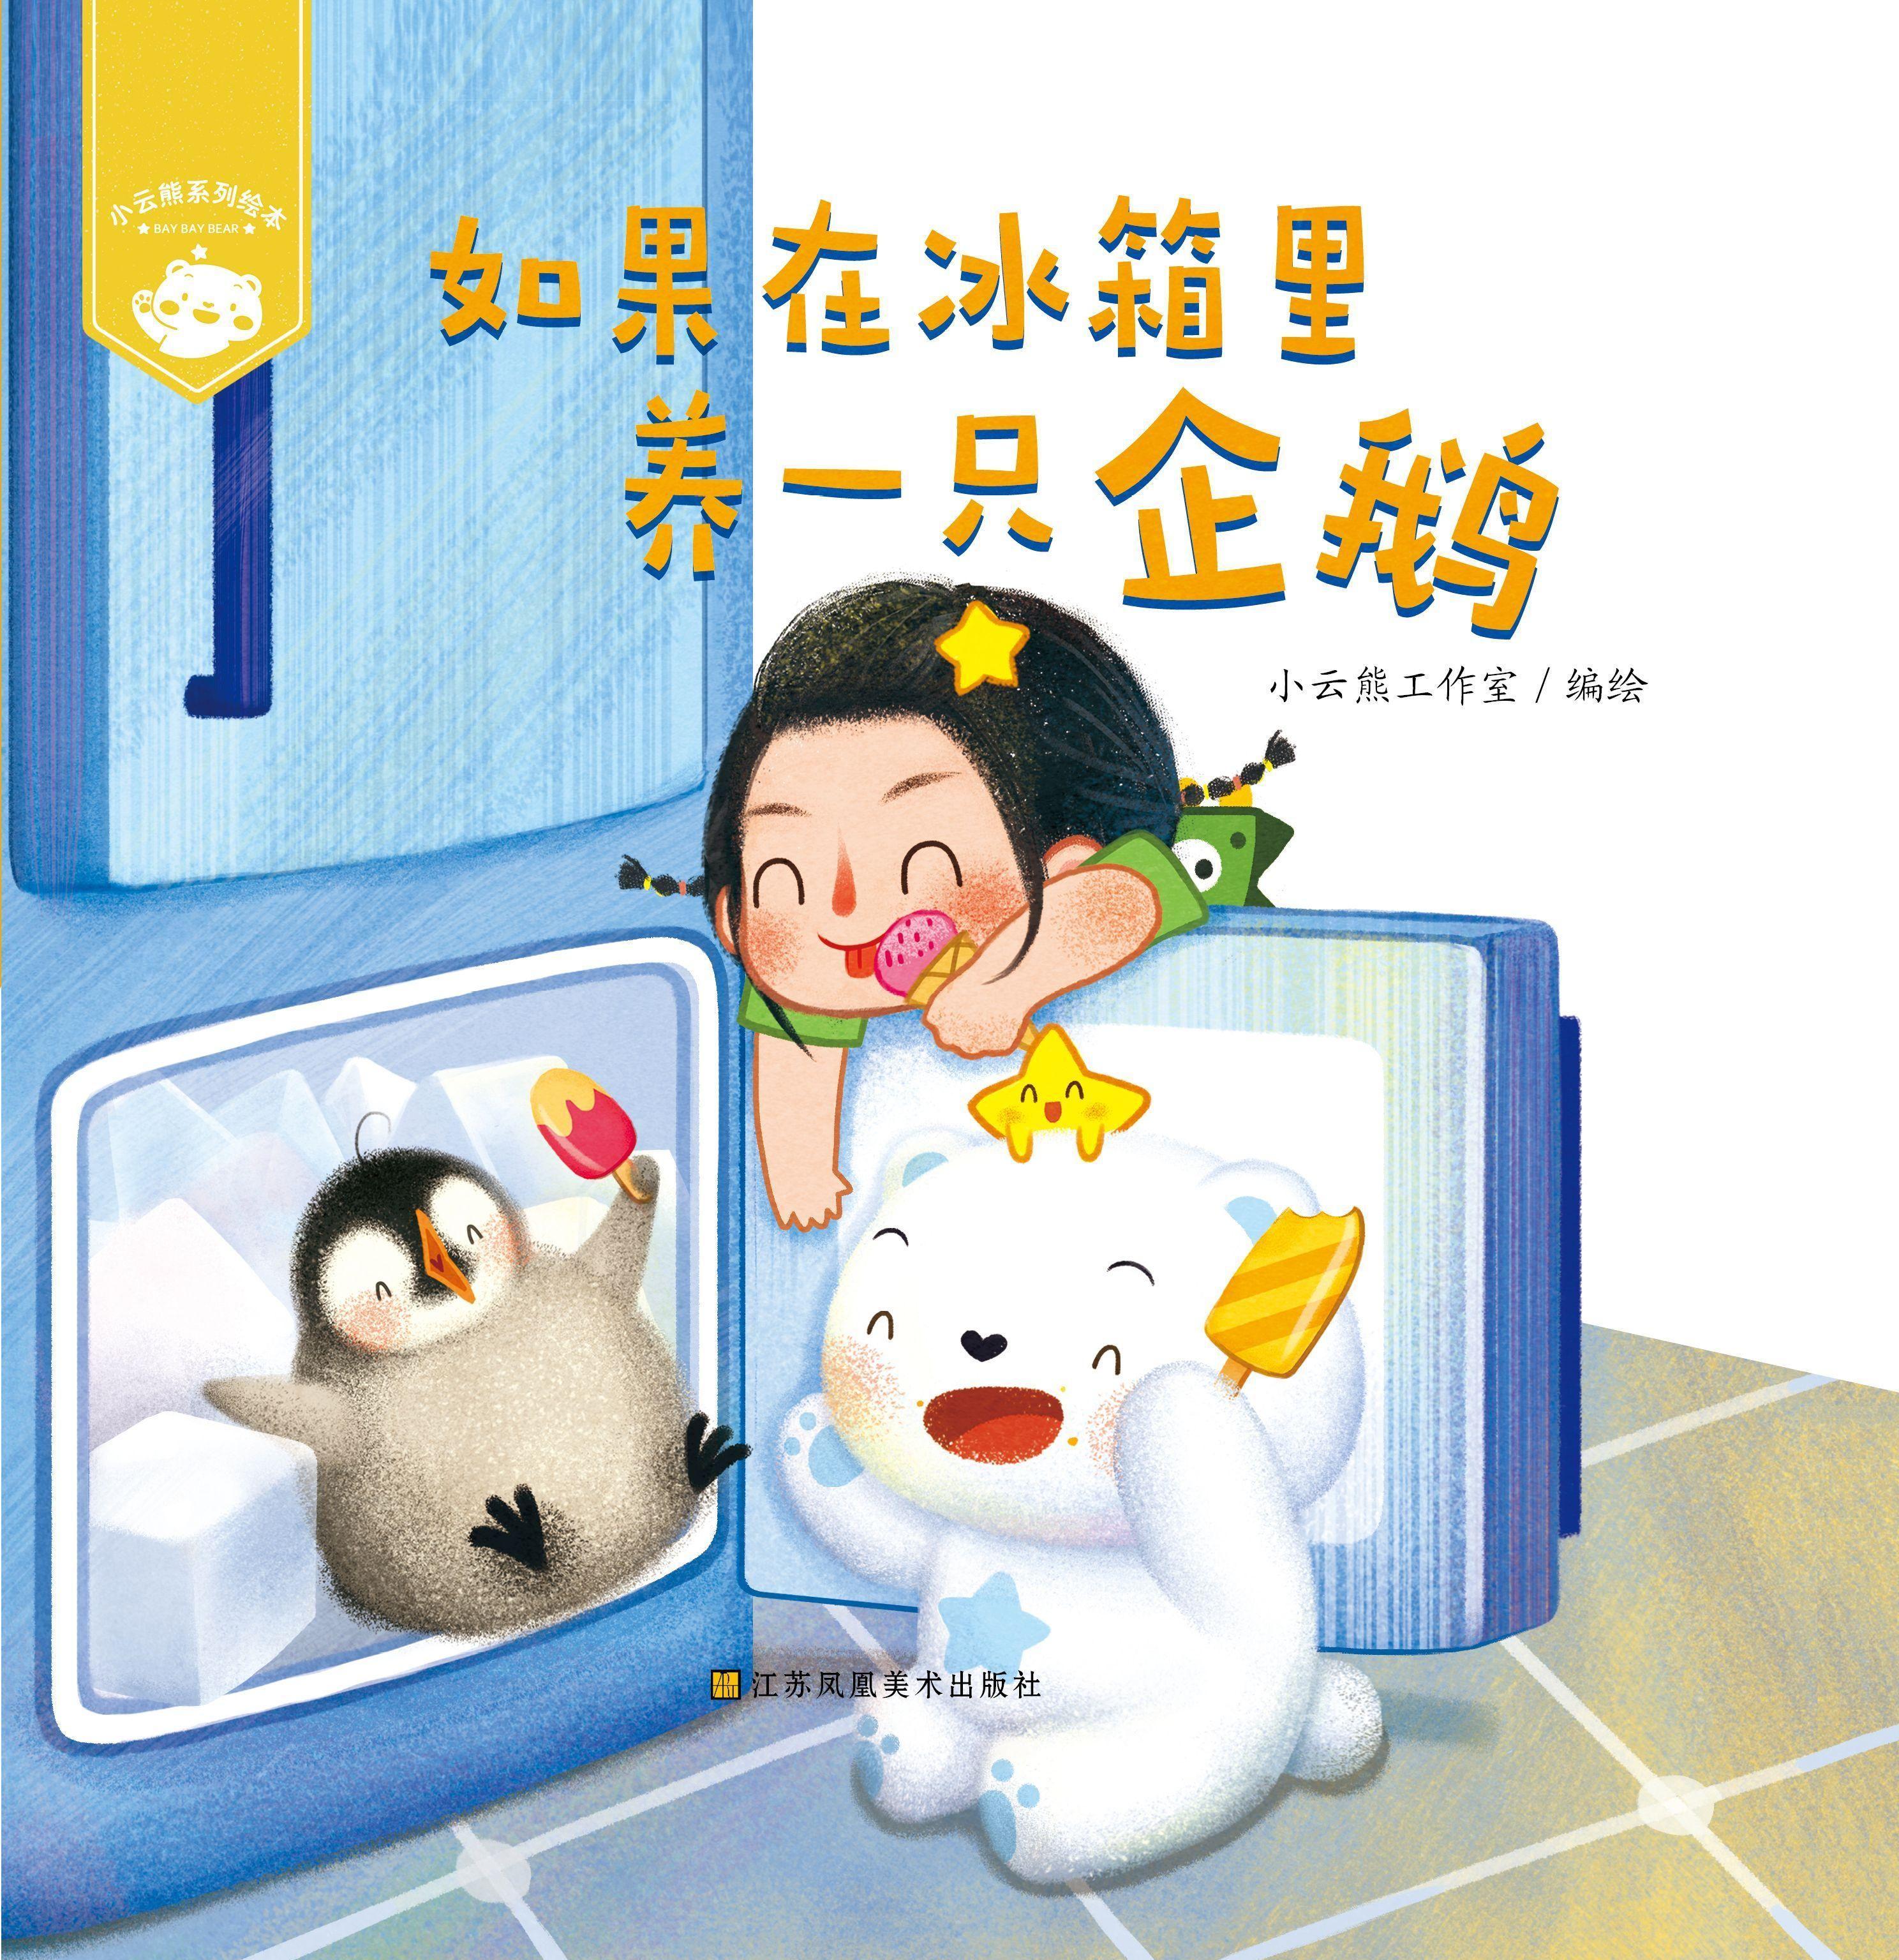 小云熊系列故事-《如果在冰箱里养一只企鹅》